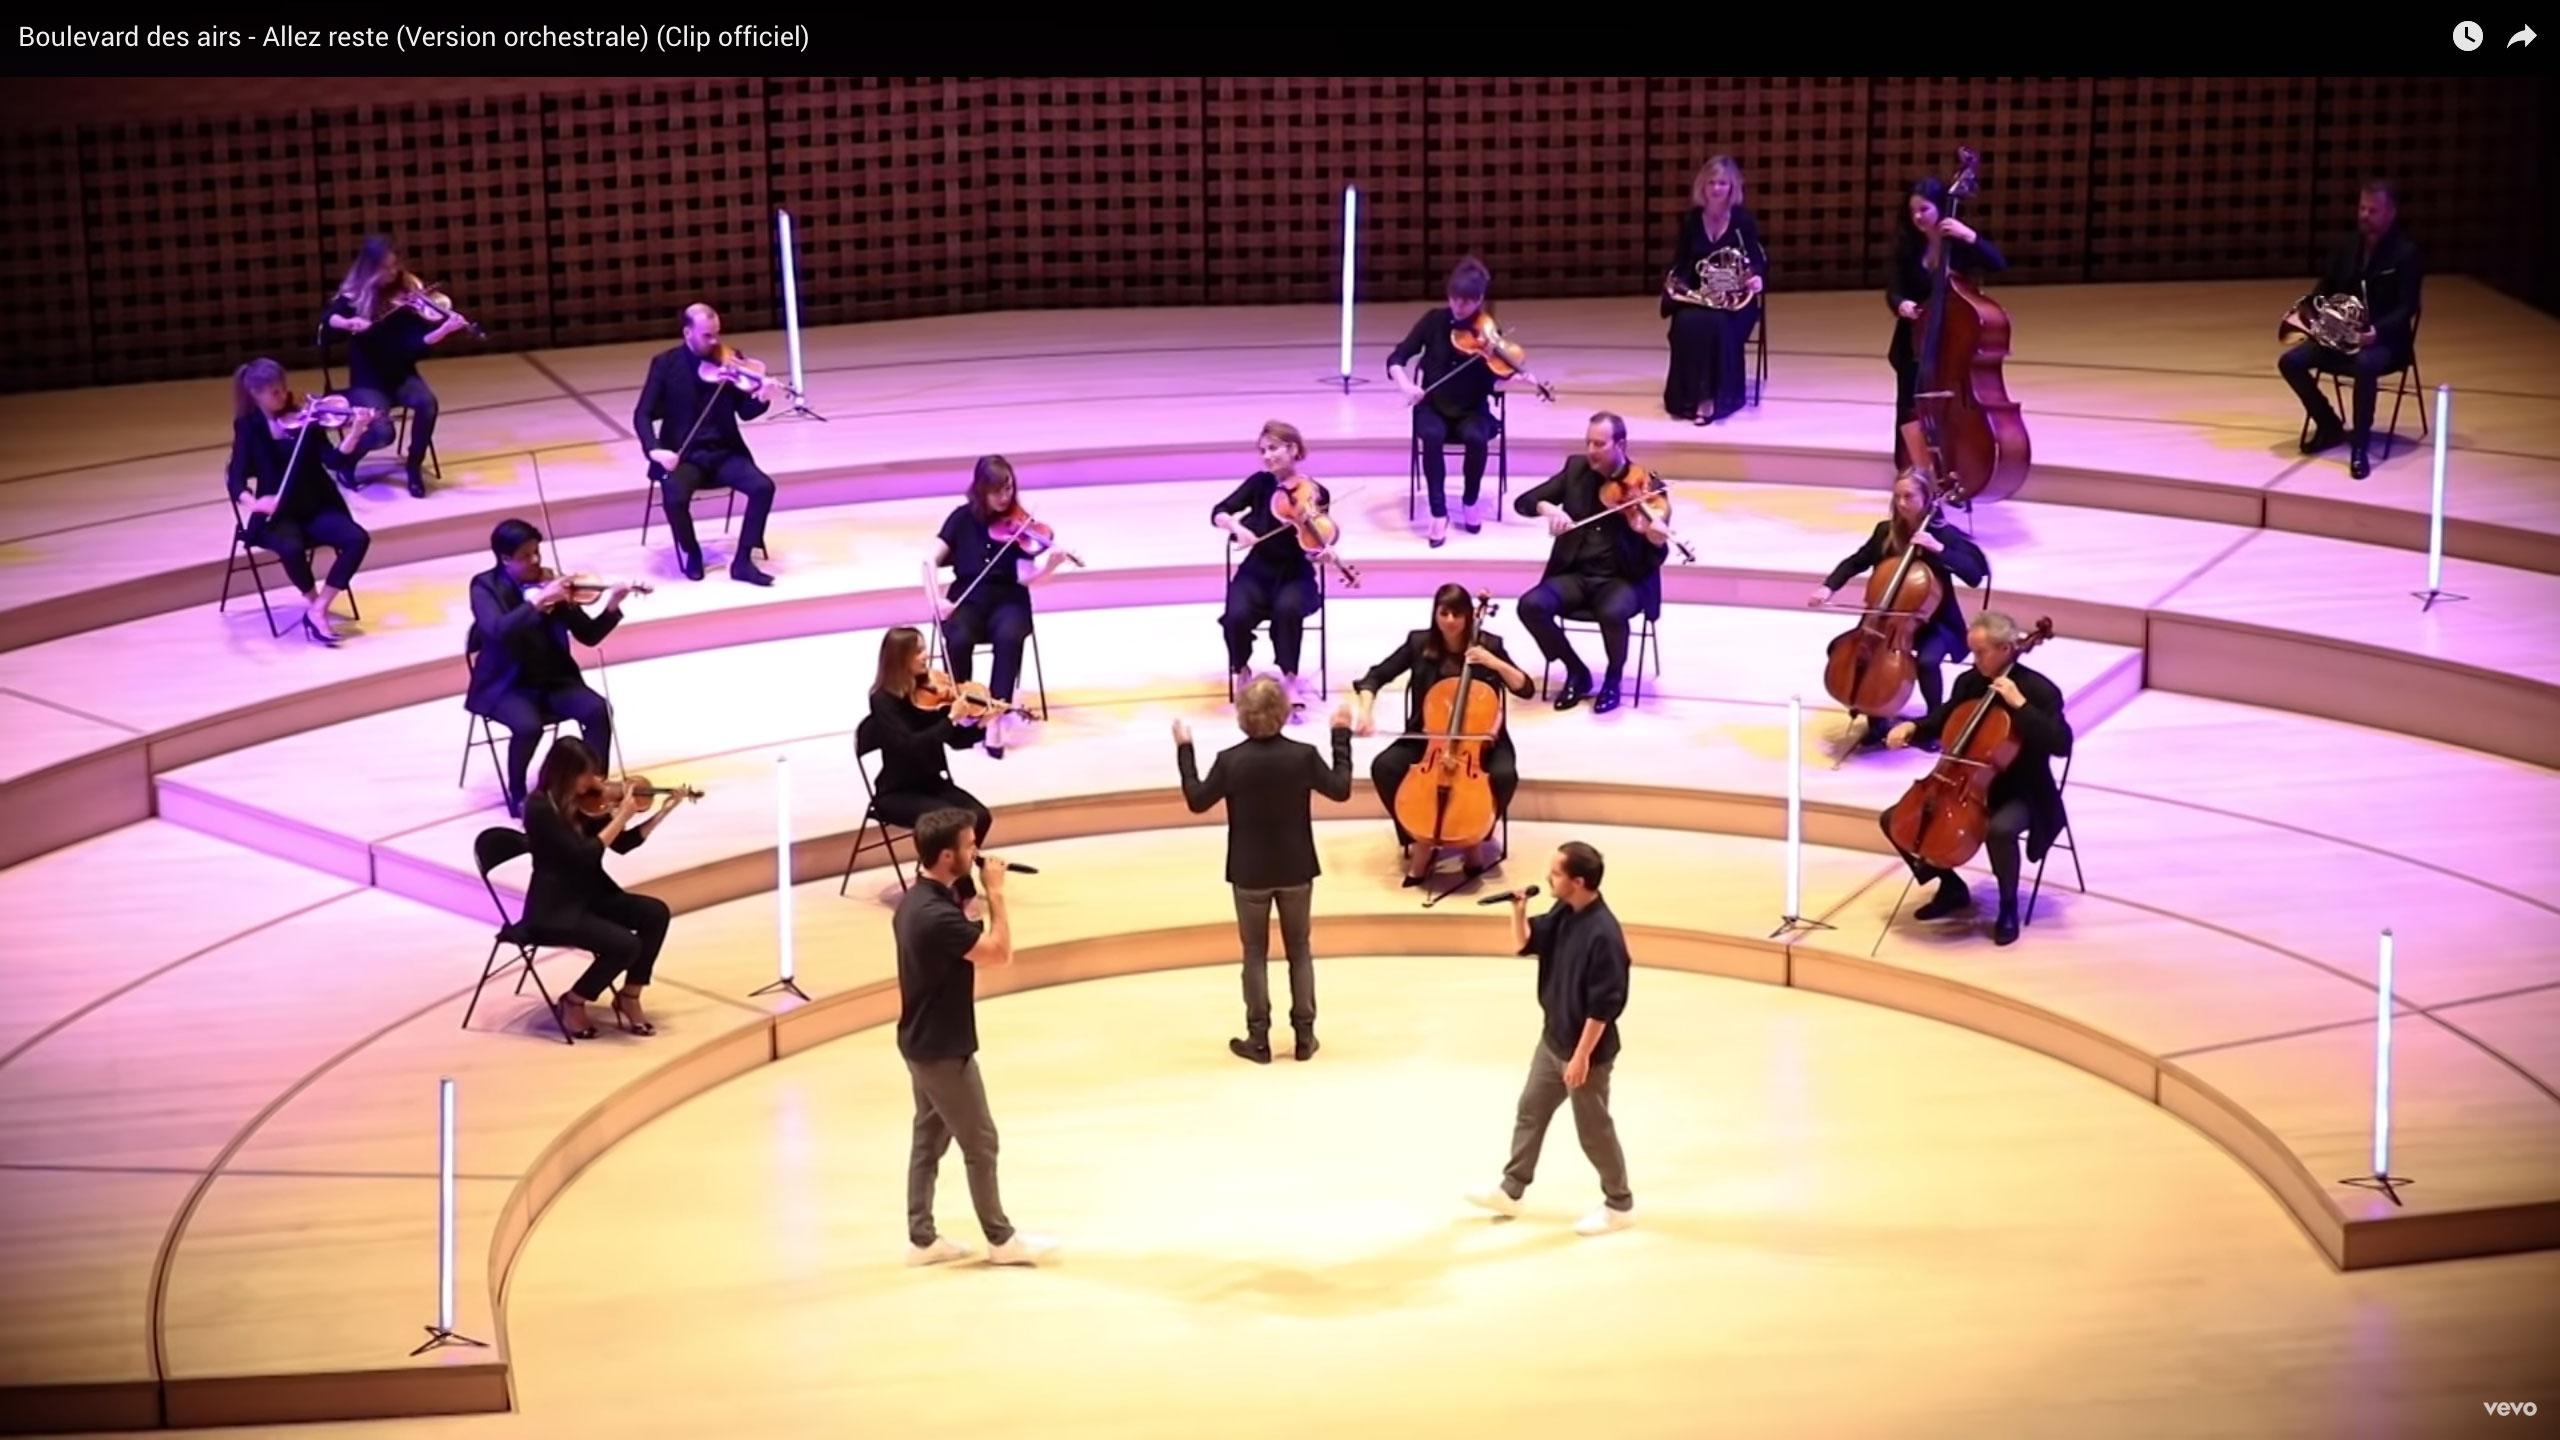 e Allez reste Version orchestrale Paul Rouger Images Benoit Mallory Boulevard des Airs